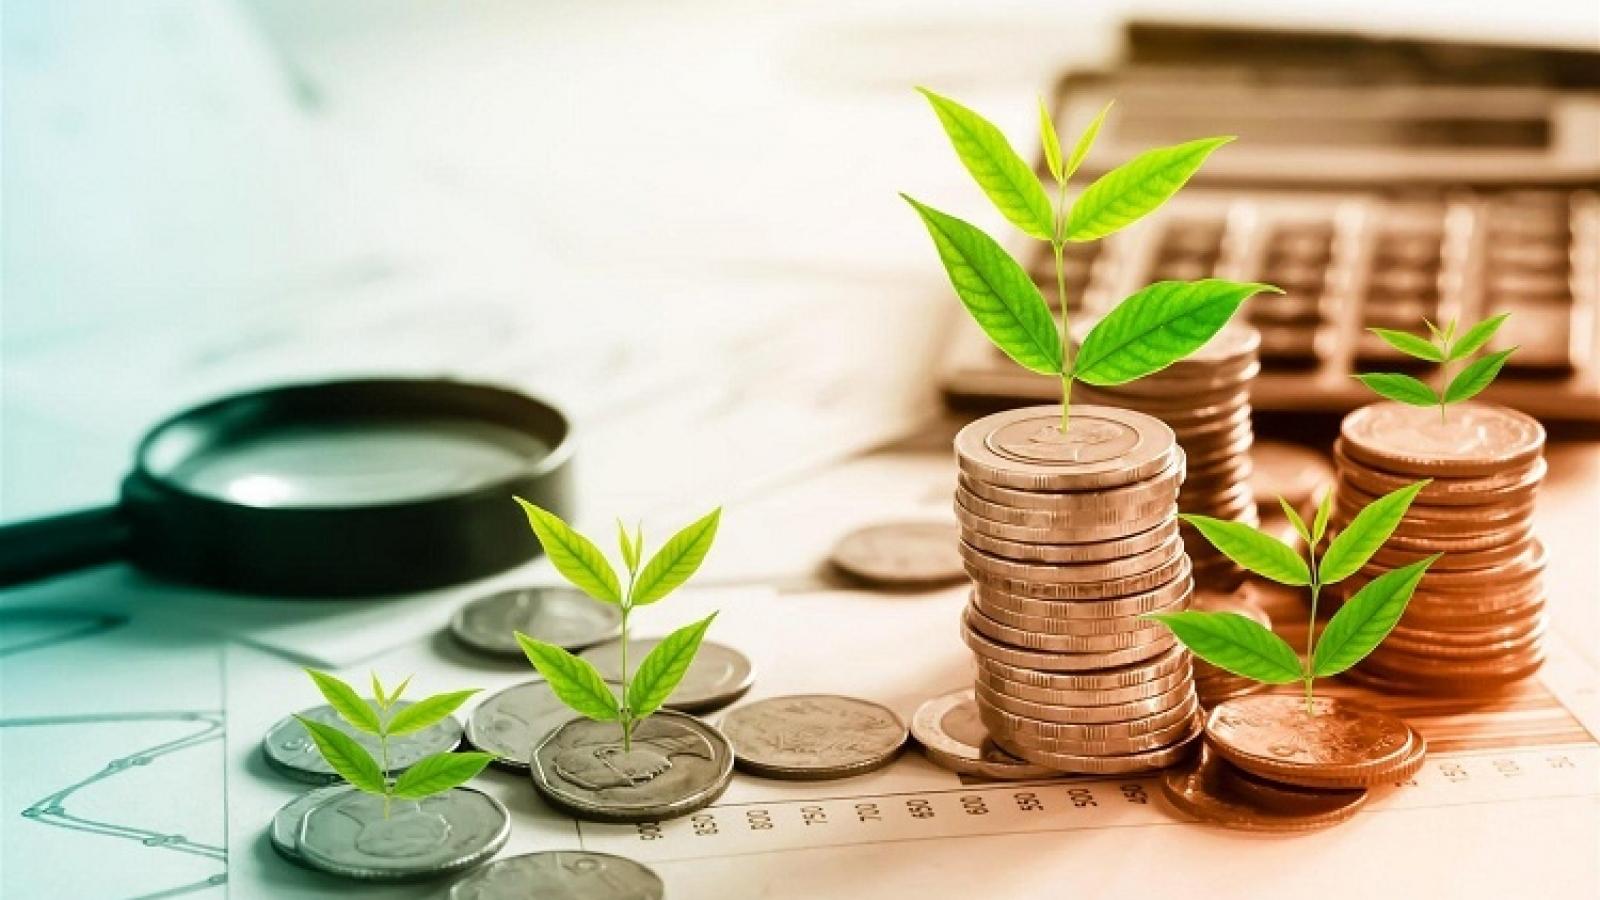 Hoàn thiện khung pháp lý, khơi thông dòng vốn qua phát hành trái phiếu doanh nghiệp